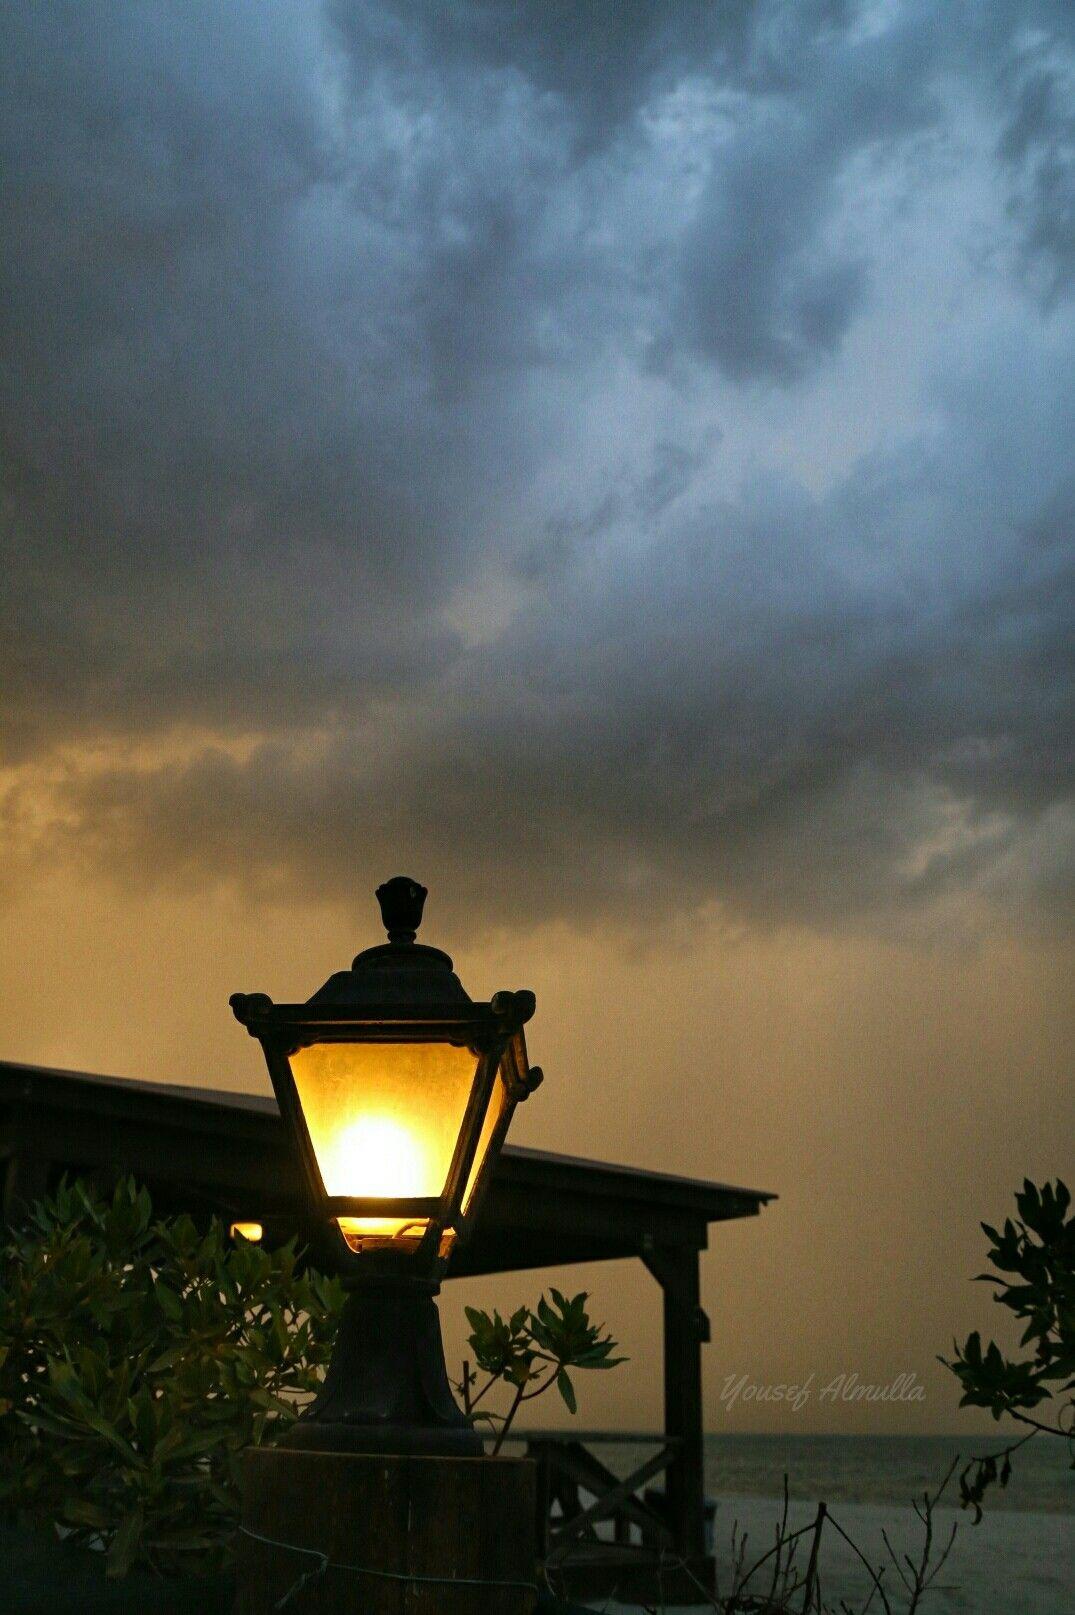 نجمة راس تنورة الشرقية السعودية Lamp Post Structures